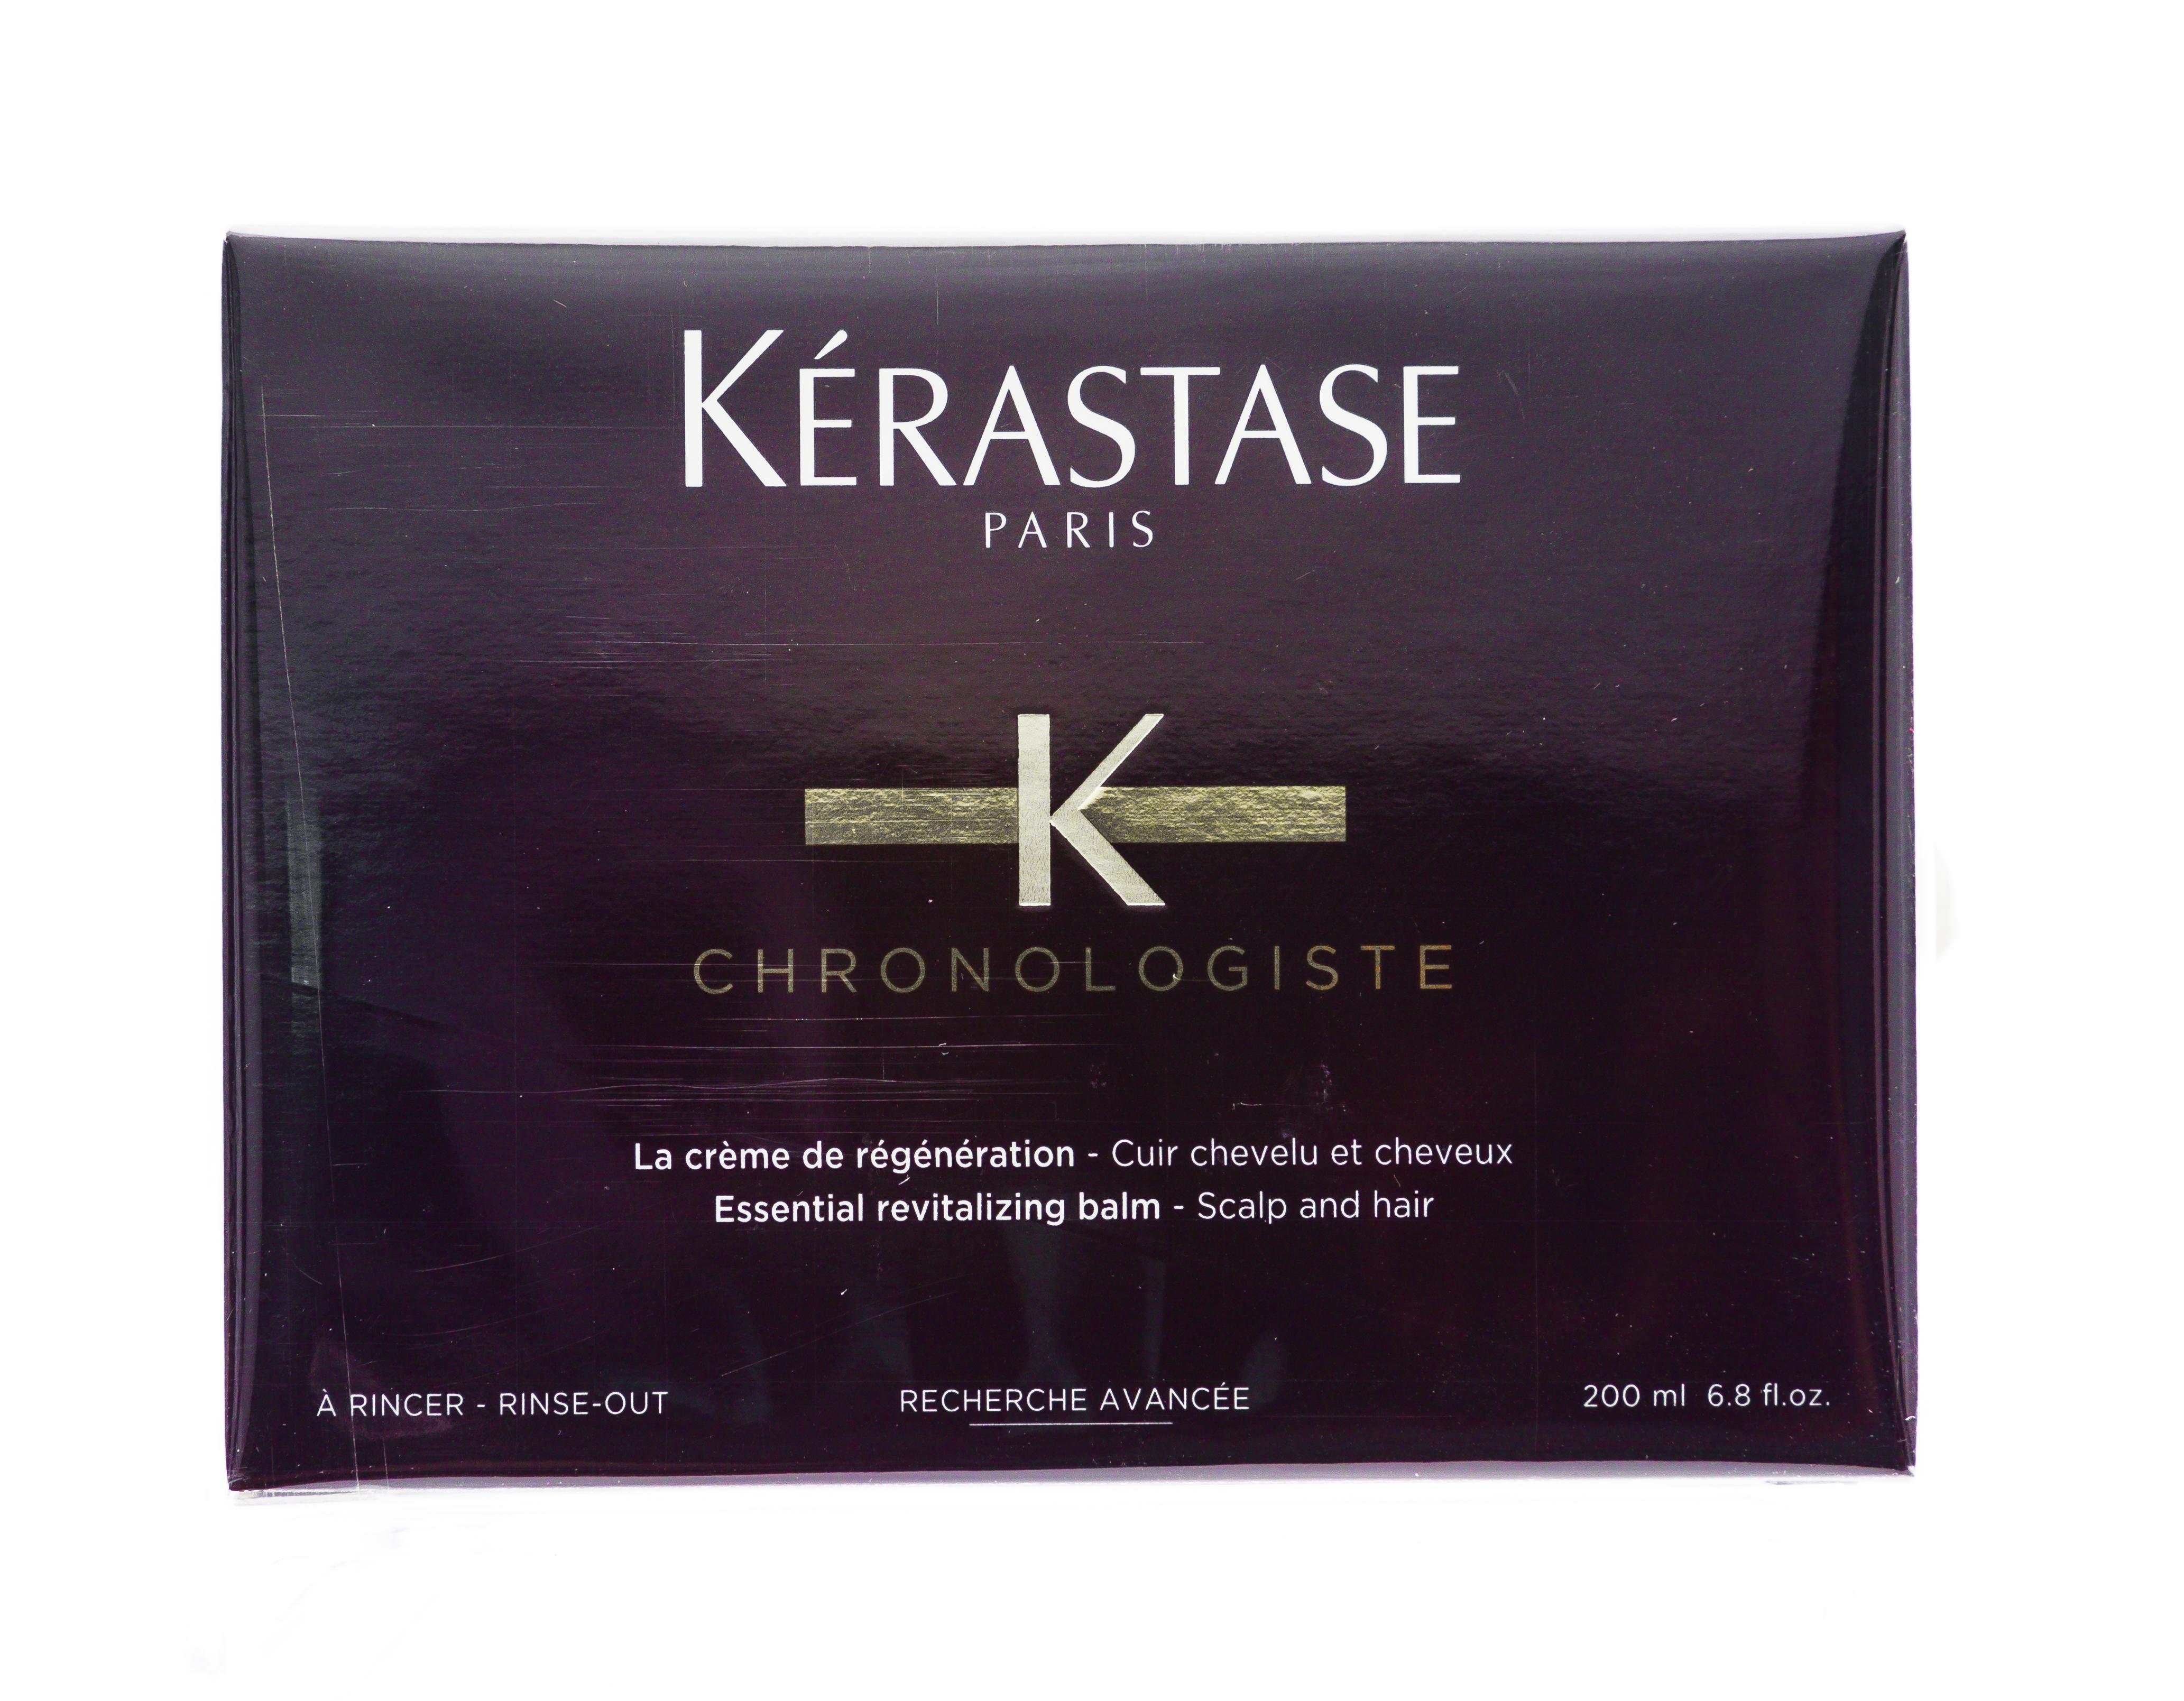 Хроноложист ревитализирующая маска 200мл (Kerastase, Chronologiste) цена 2017